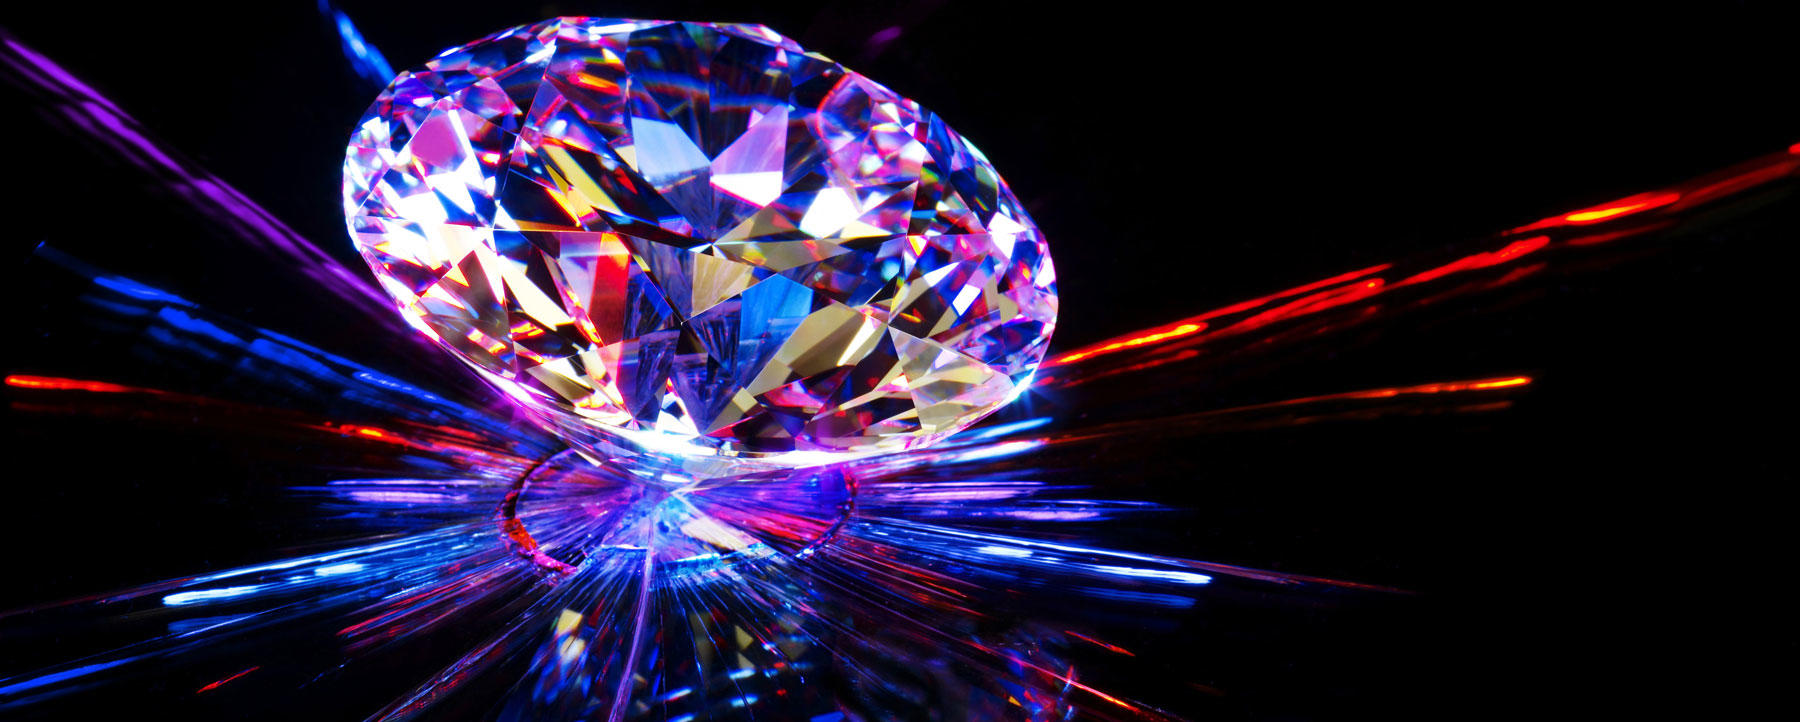 Pretty colorful diamond